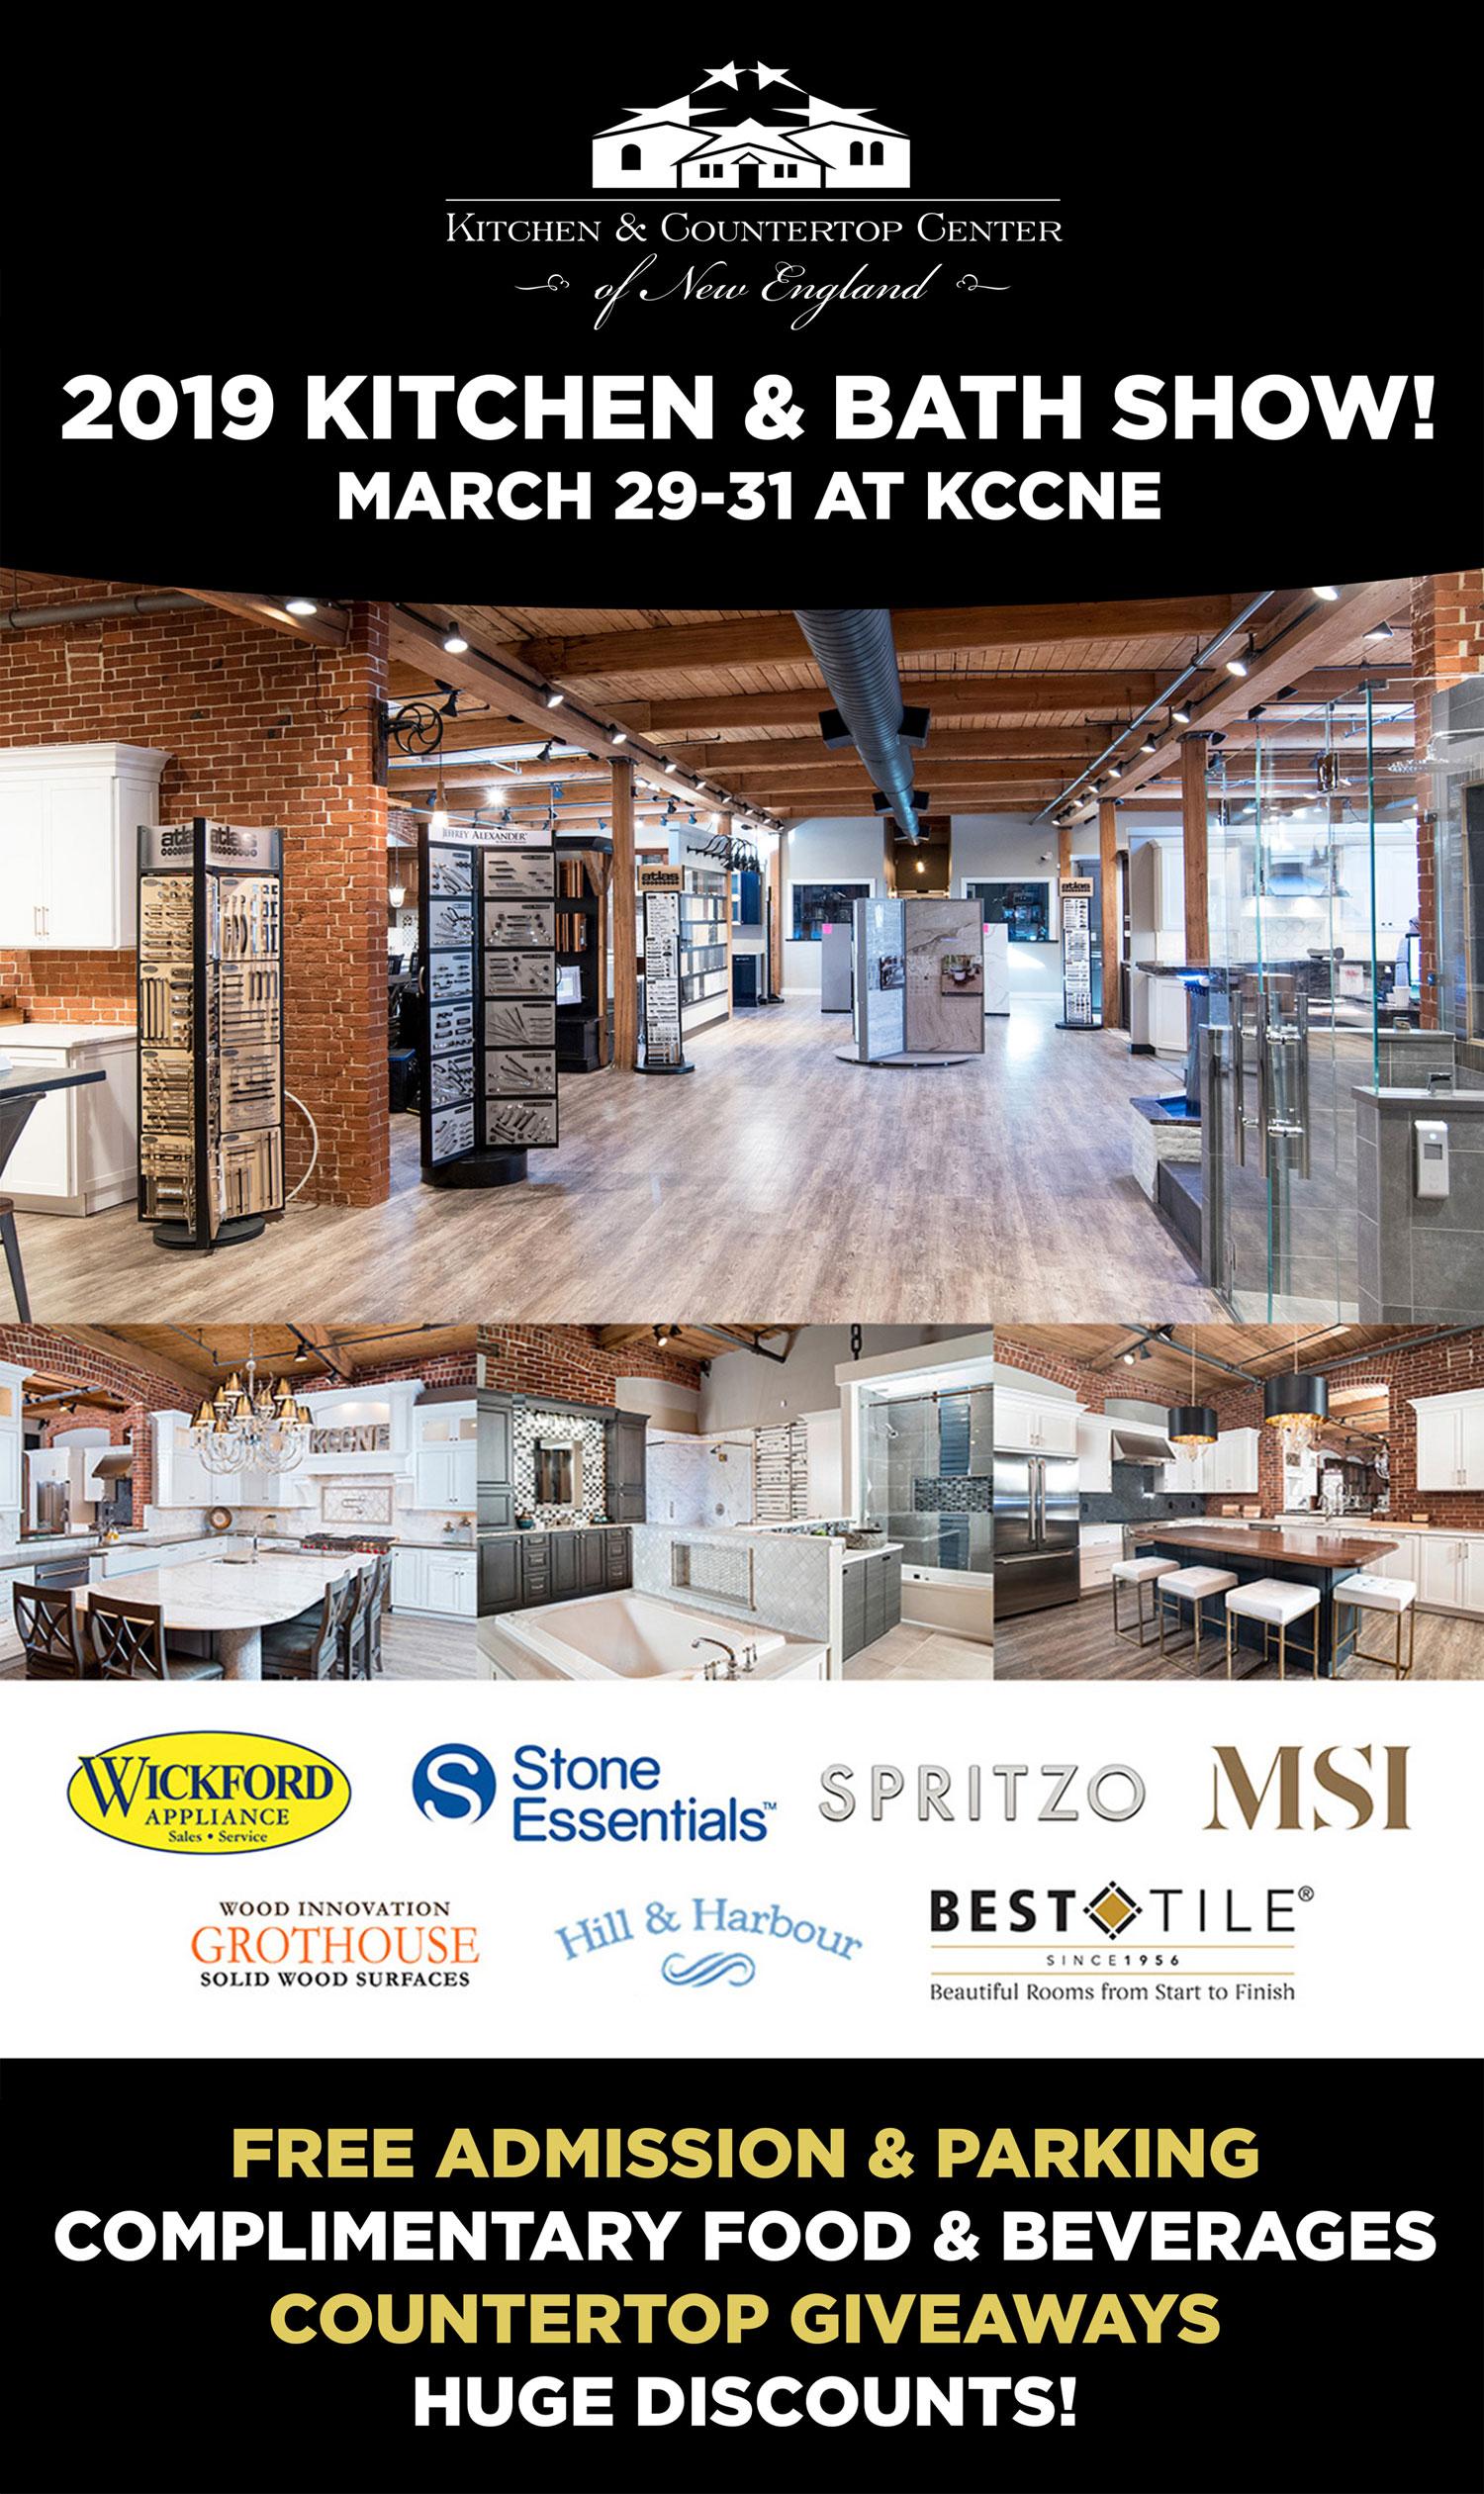 2019 Kitchen & Bath Show   Kitchen & Countertop Center of ...